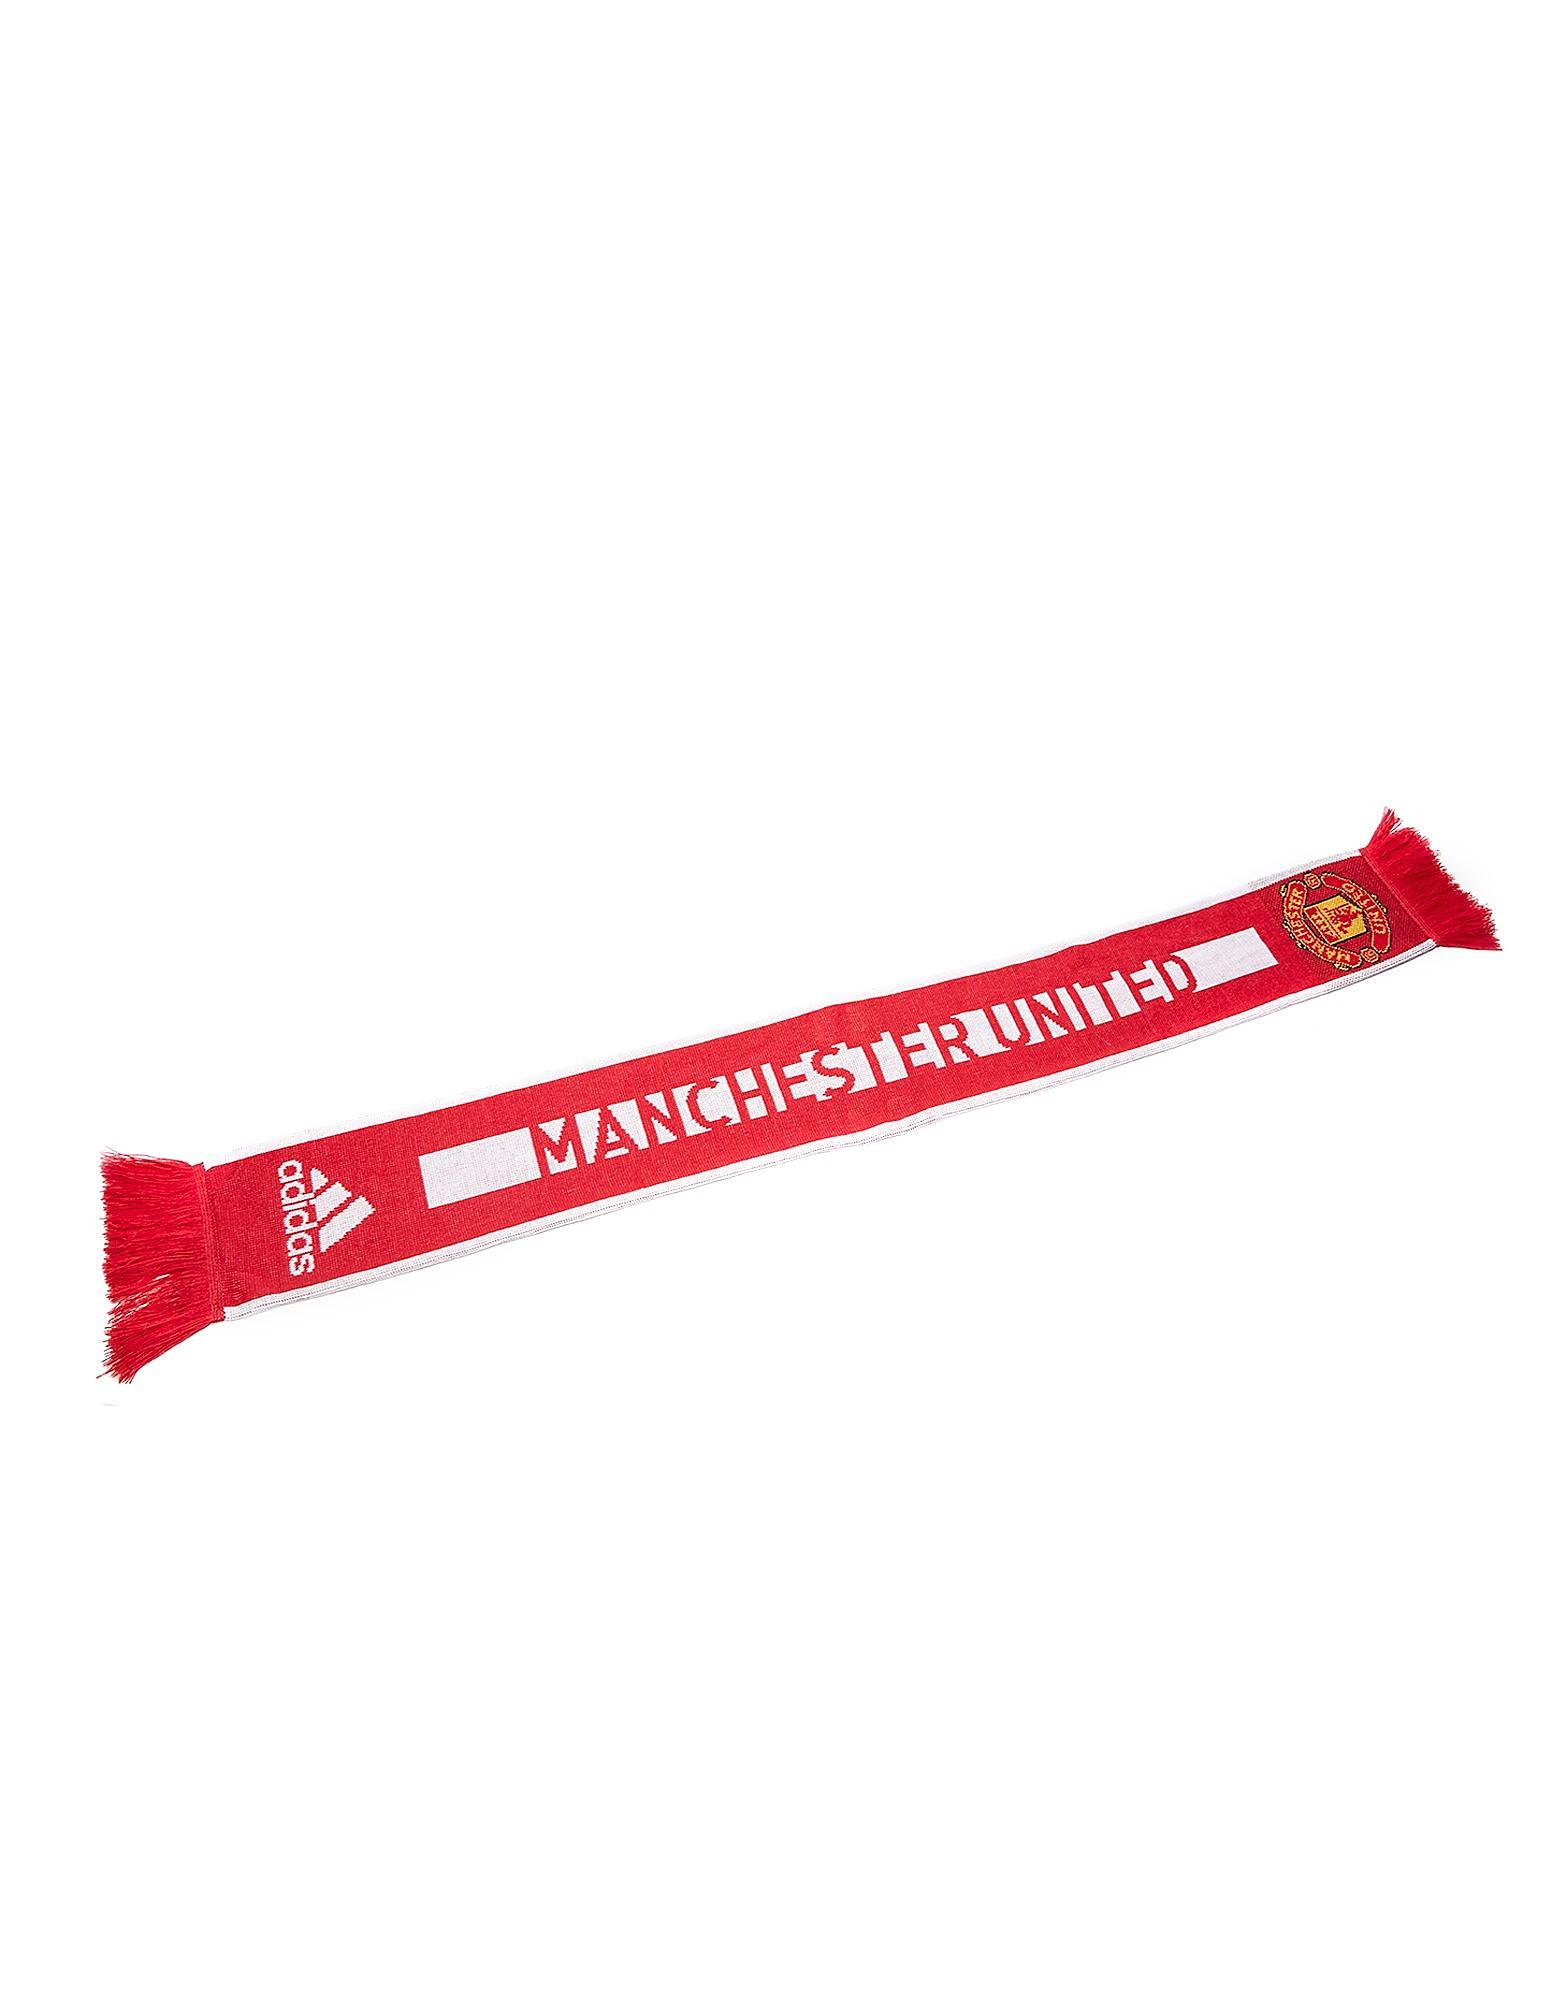 adidas Manchester United FC Scarf